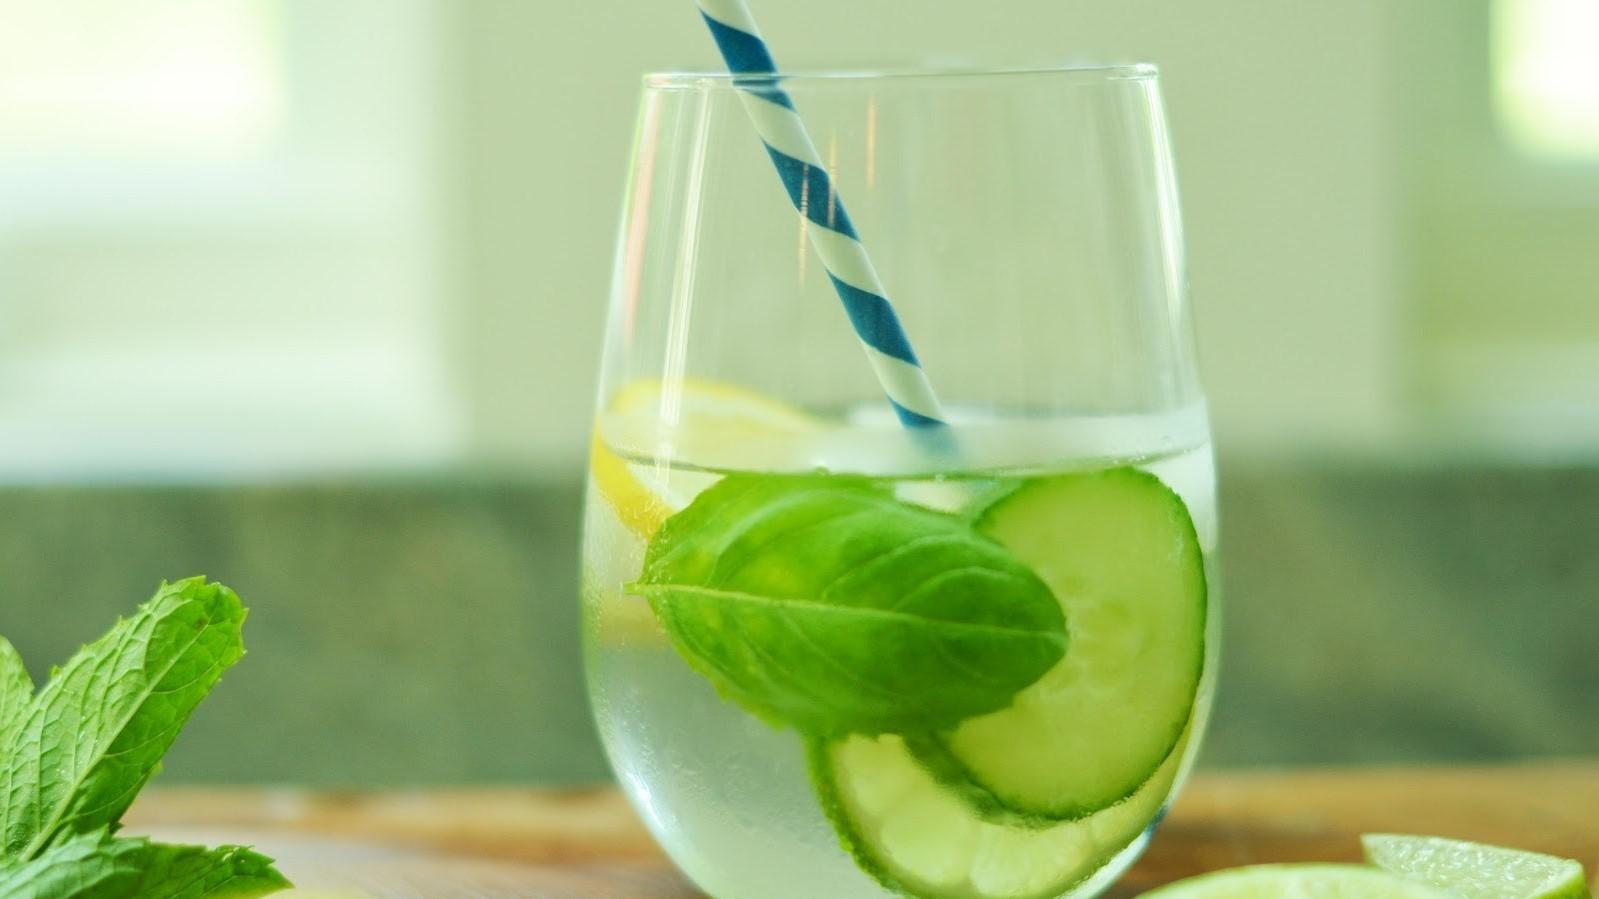 Komkommer water zorgt snel voor platte buik + Recept